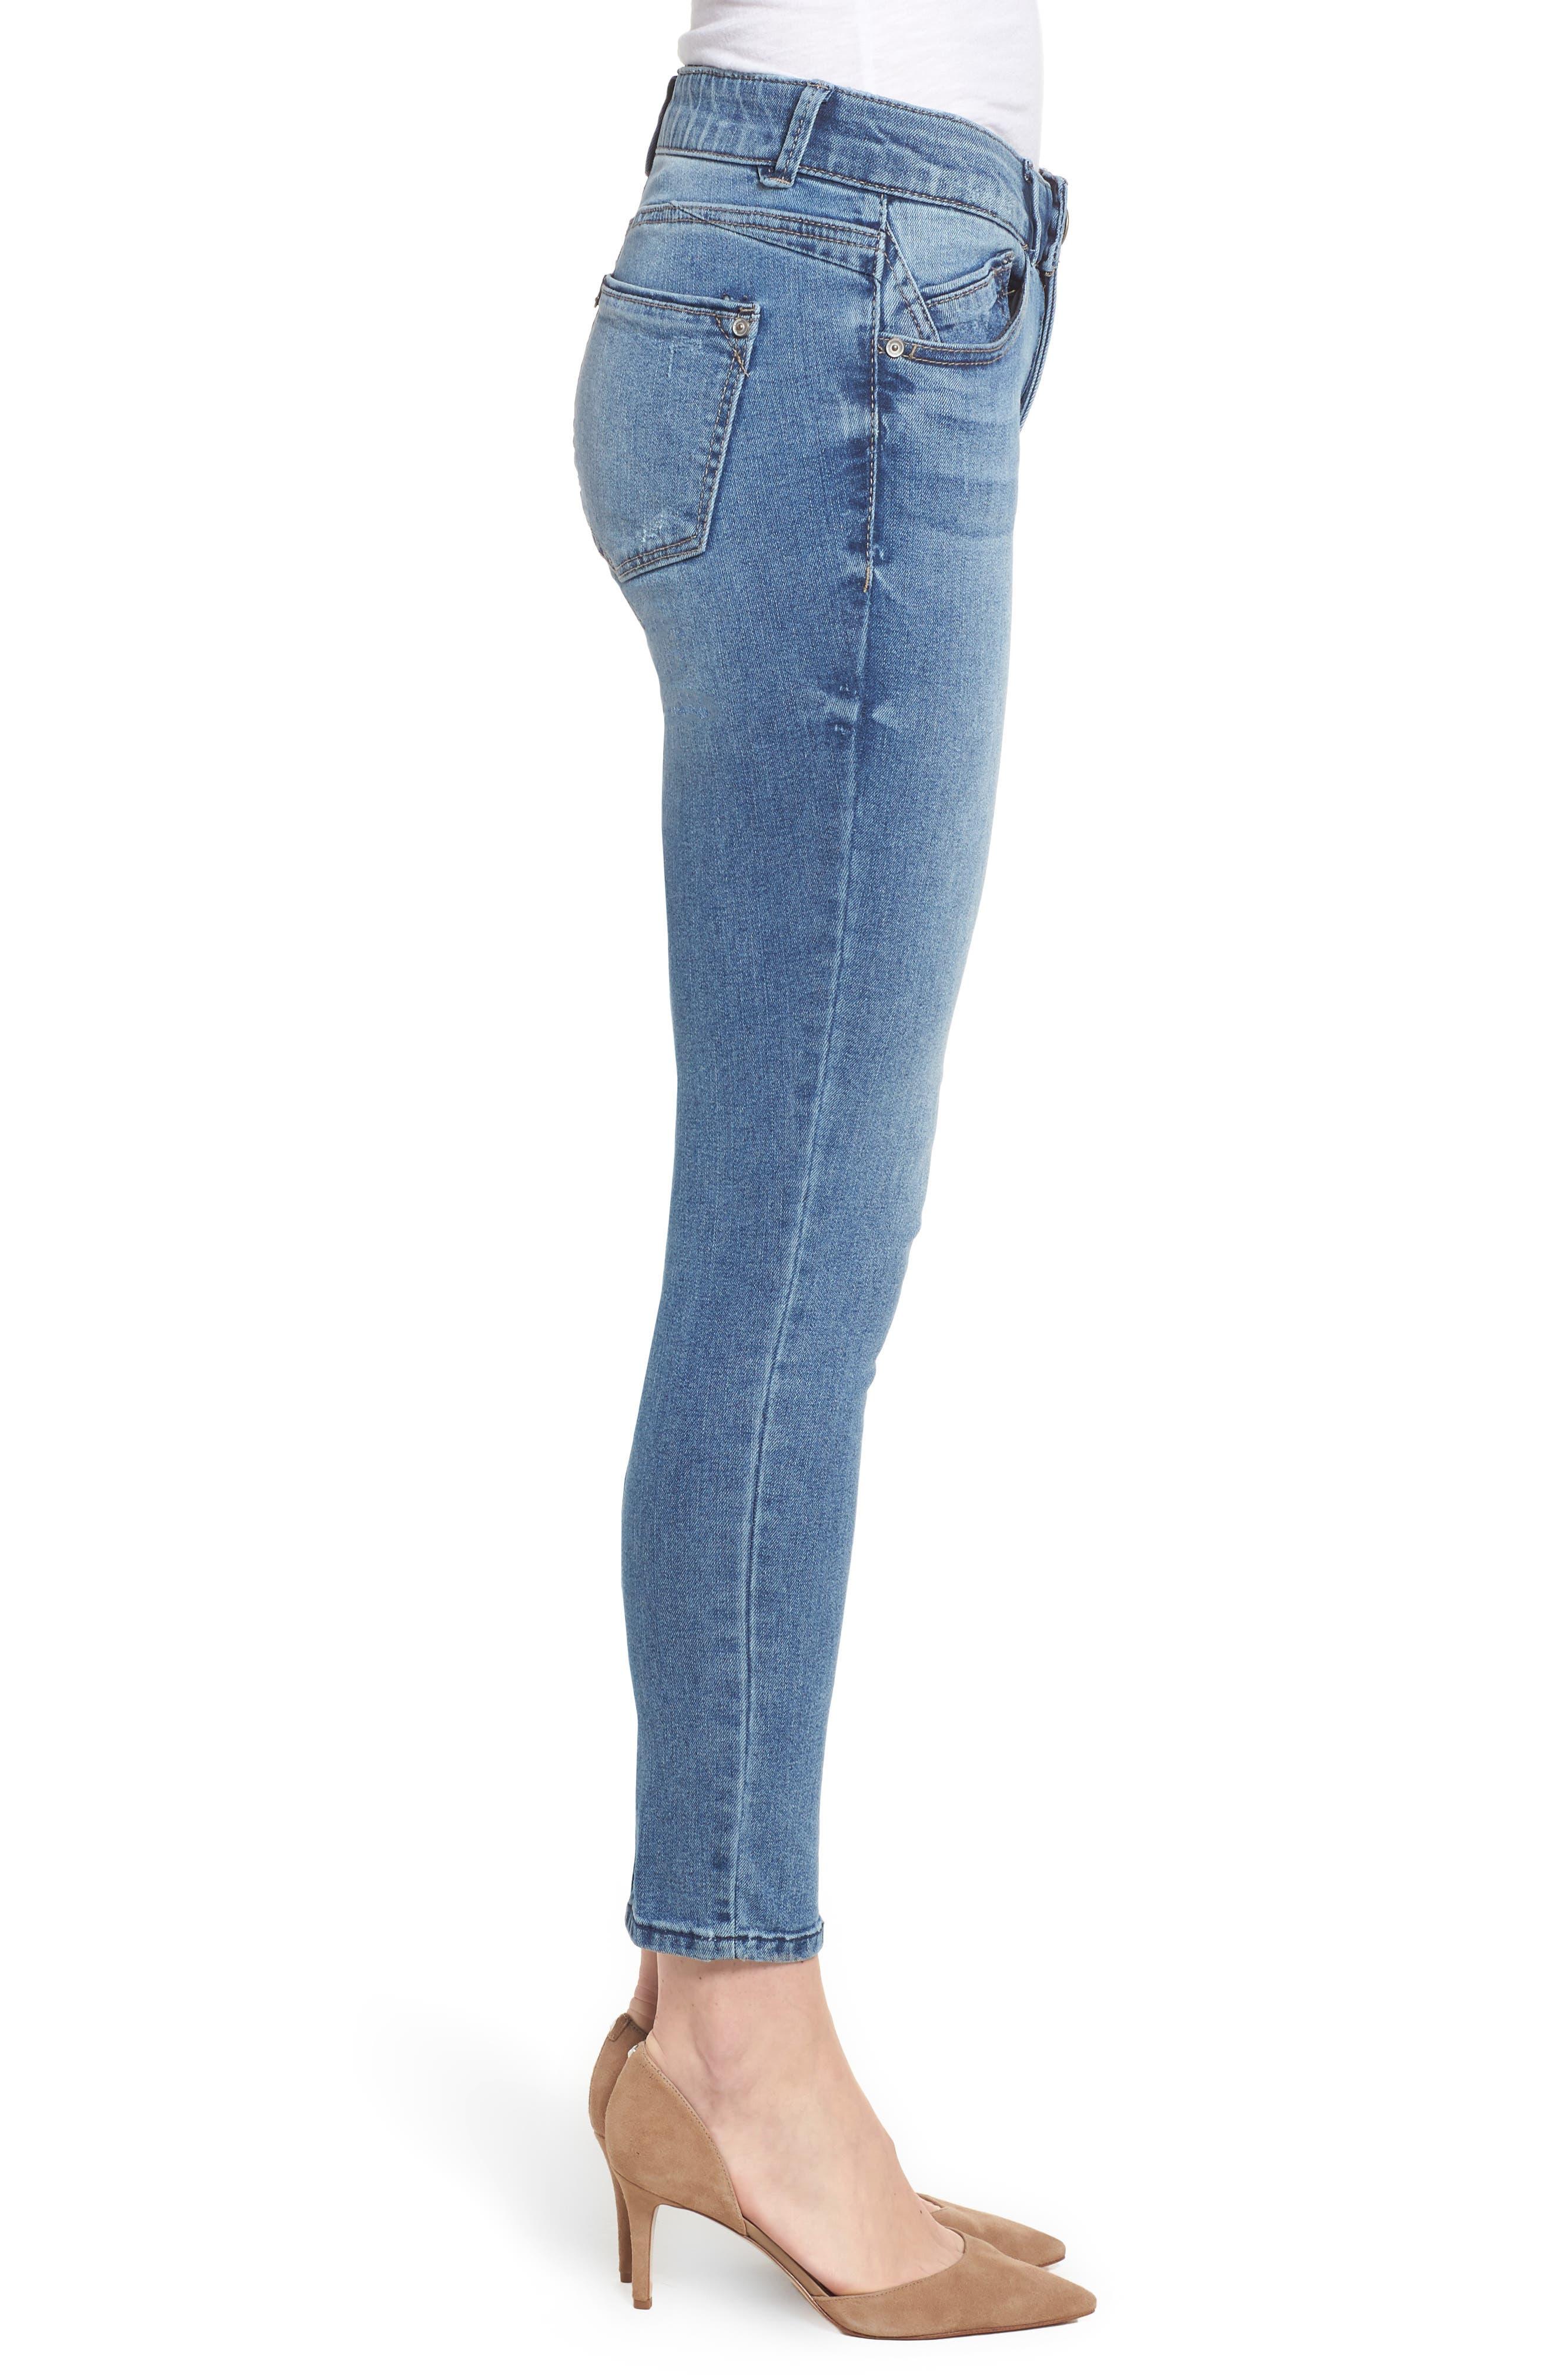 Ab-solution Ankle Skimmer Skinny Jeans Regular & Petite,                             Alternate thumbnail 3, color,                             Light Blue